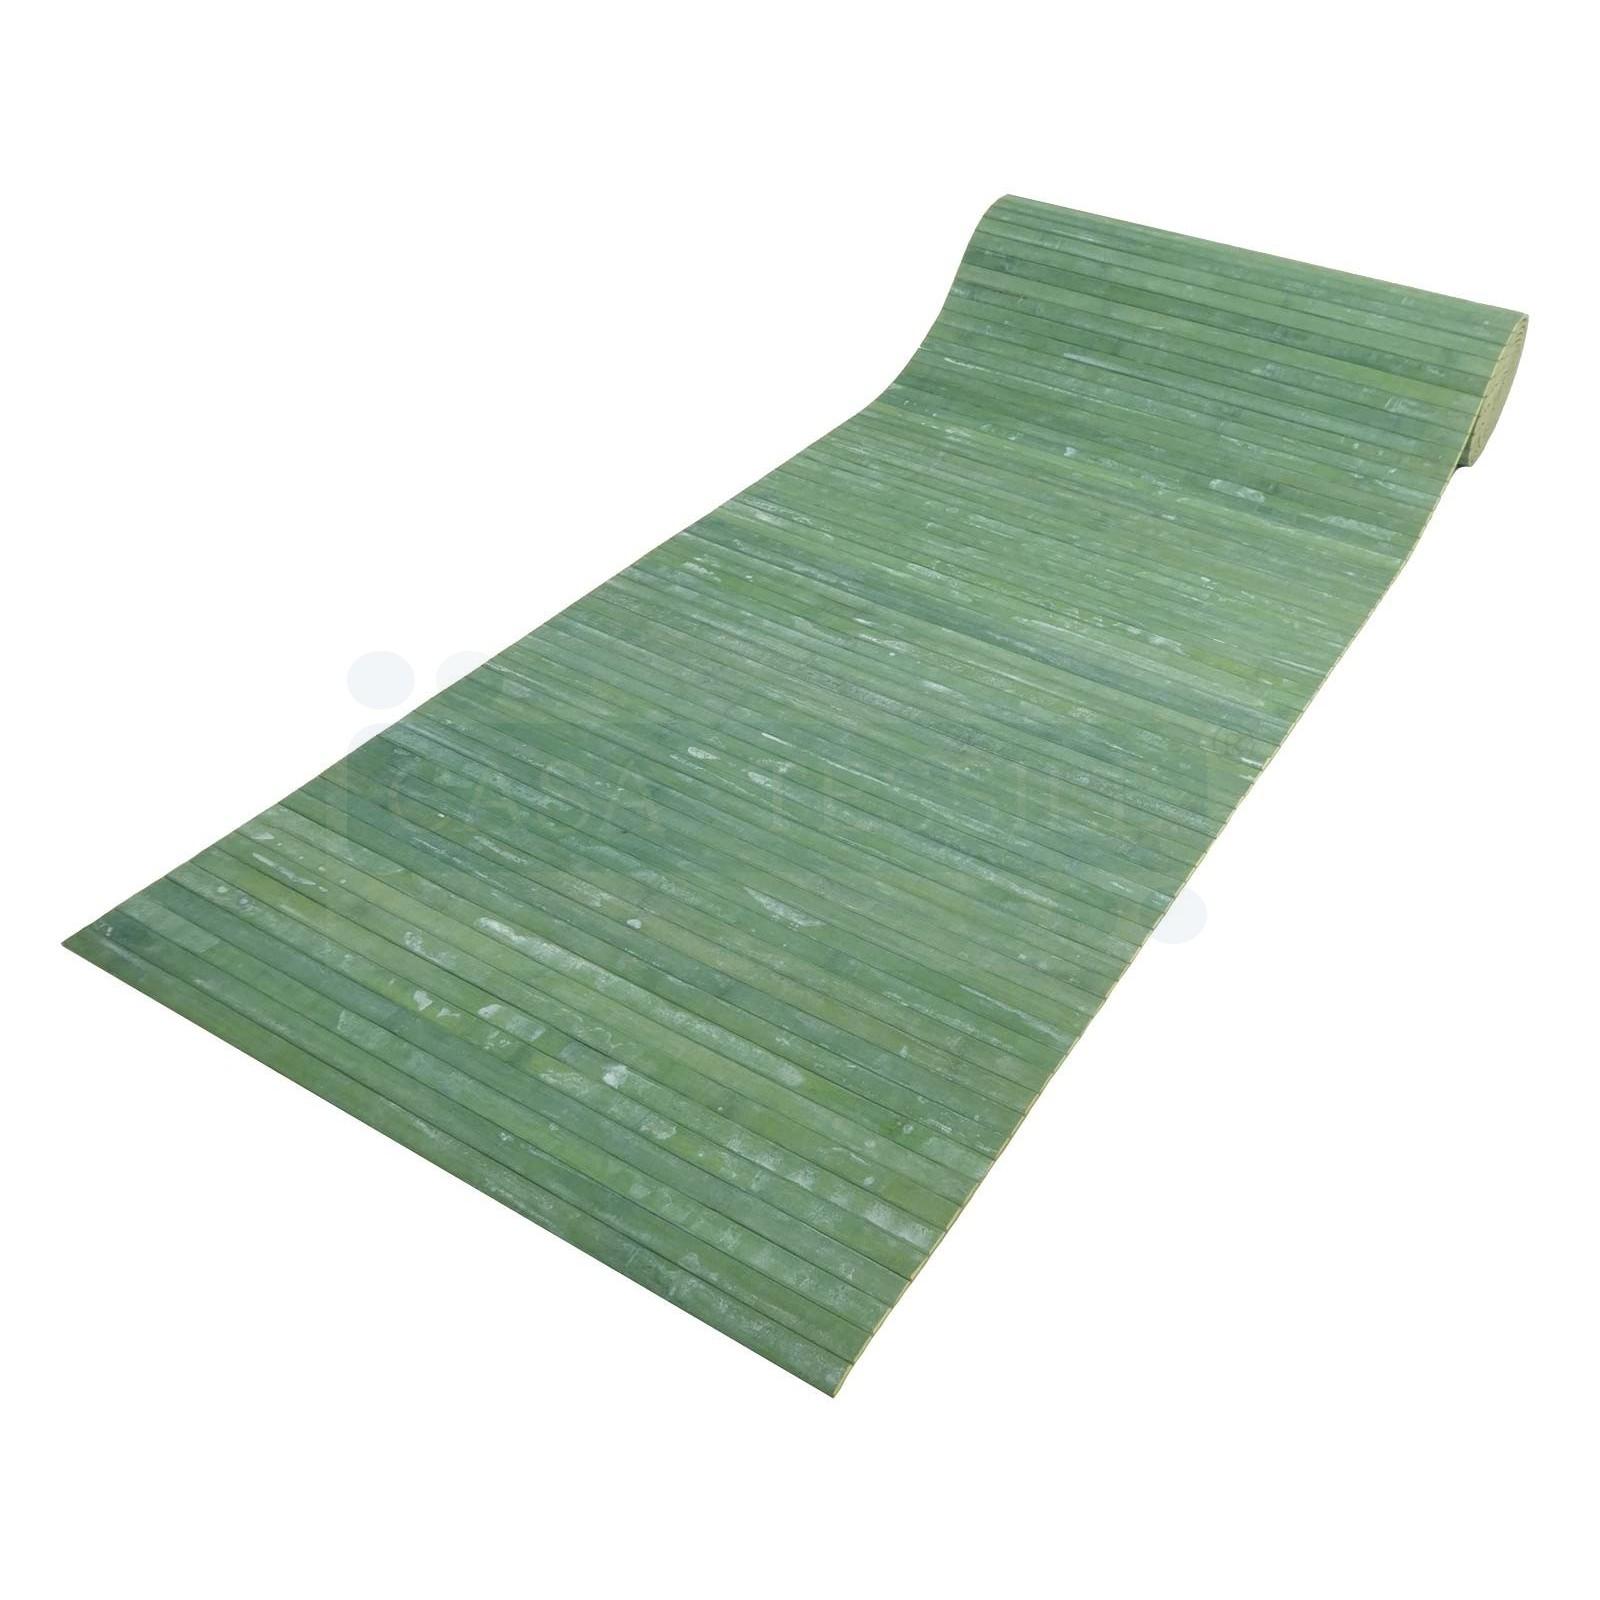 Tappeto-stuoia-bamboo-su-misura miniatura 33